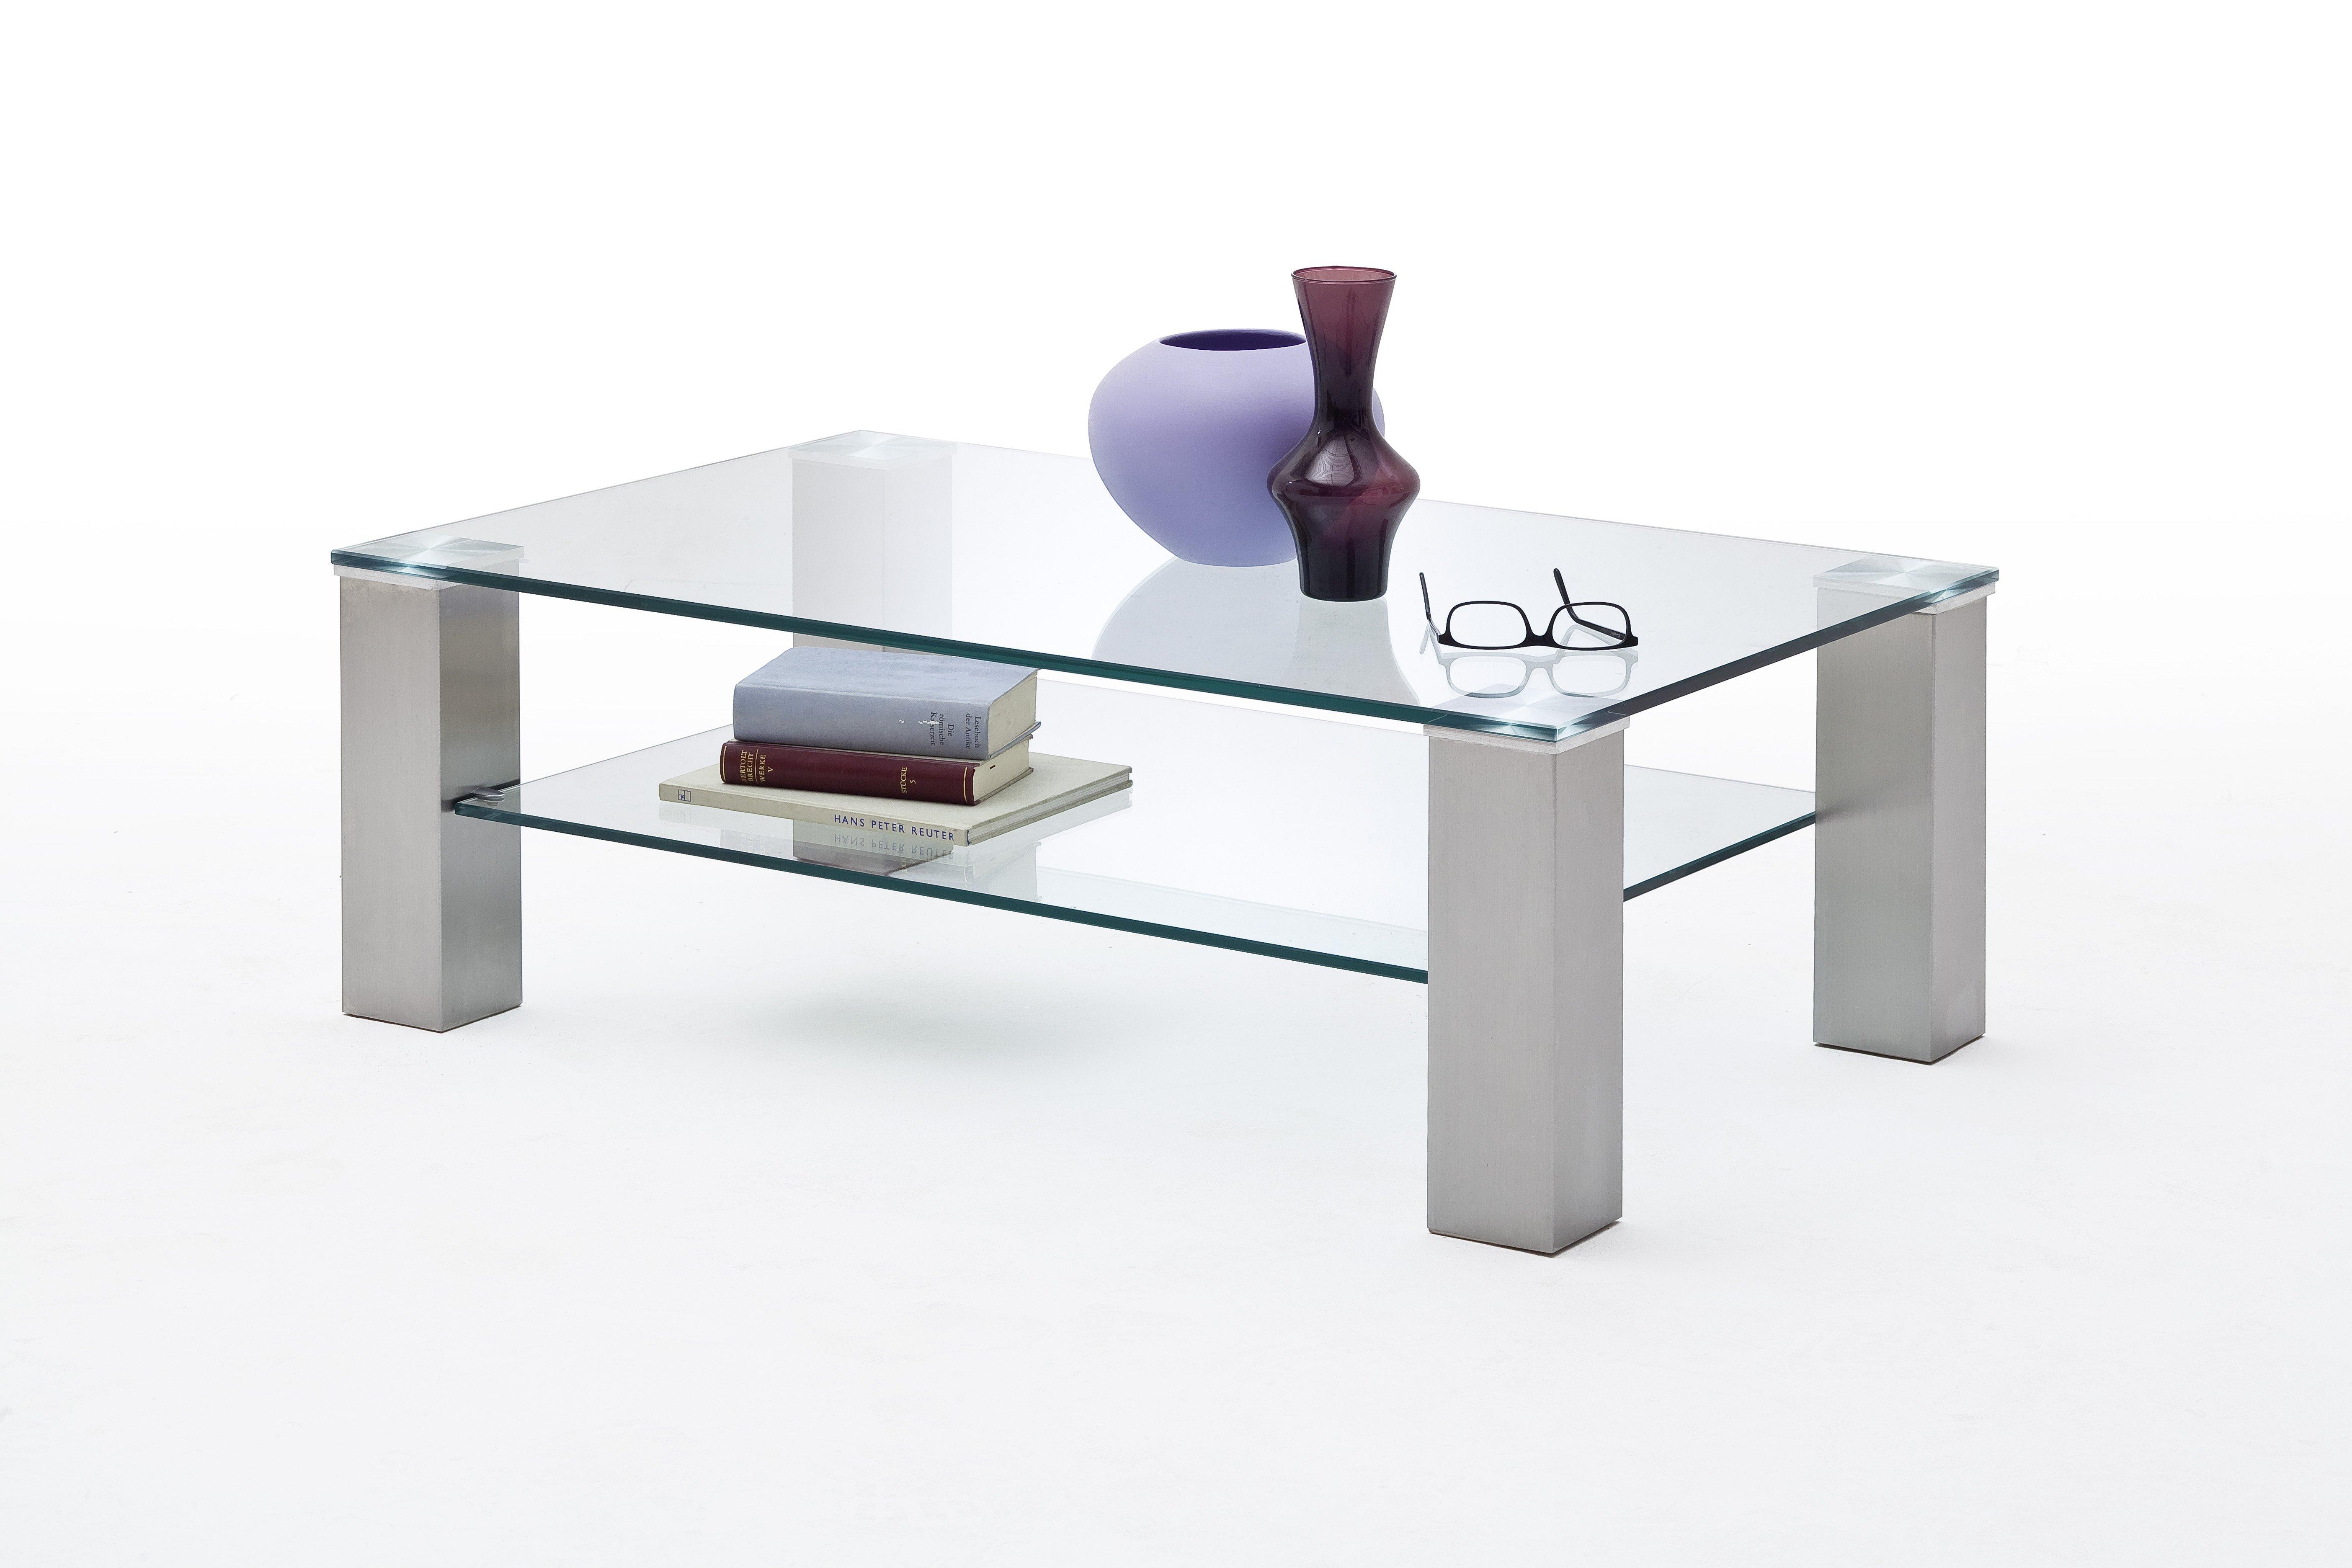 Couchtisch Asta 2 von MCA furniture